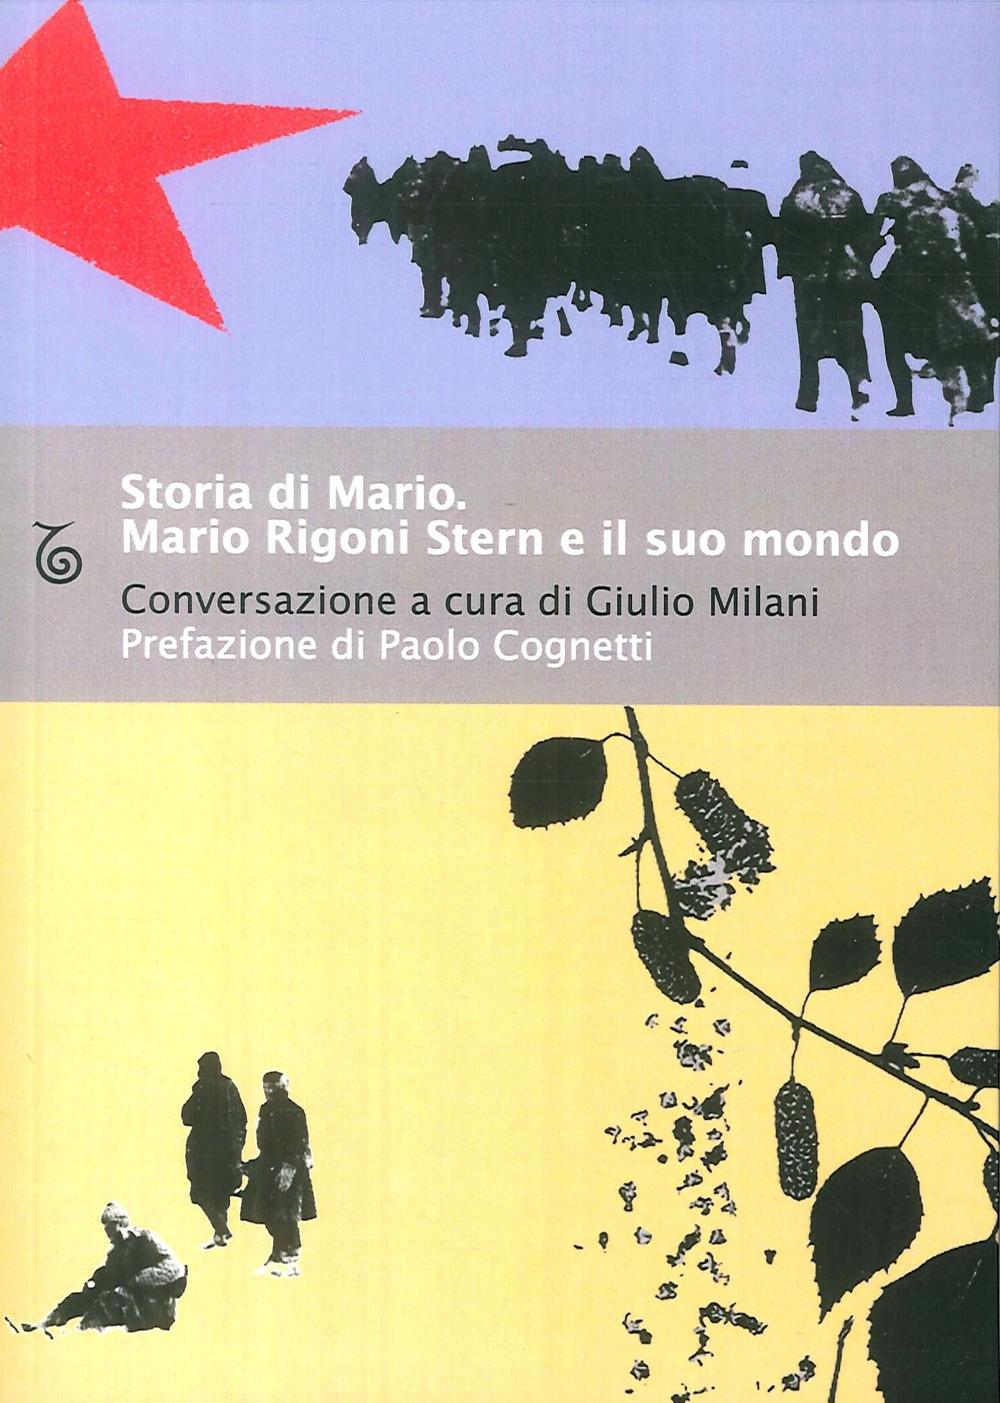 Storia-di-Mario-Mario-Rigoni-Stern-e-il-suo-mondo-TranseuropA